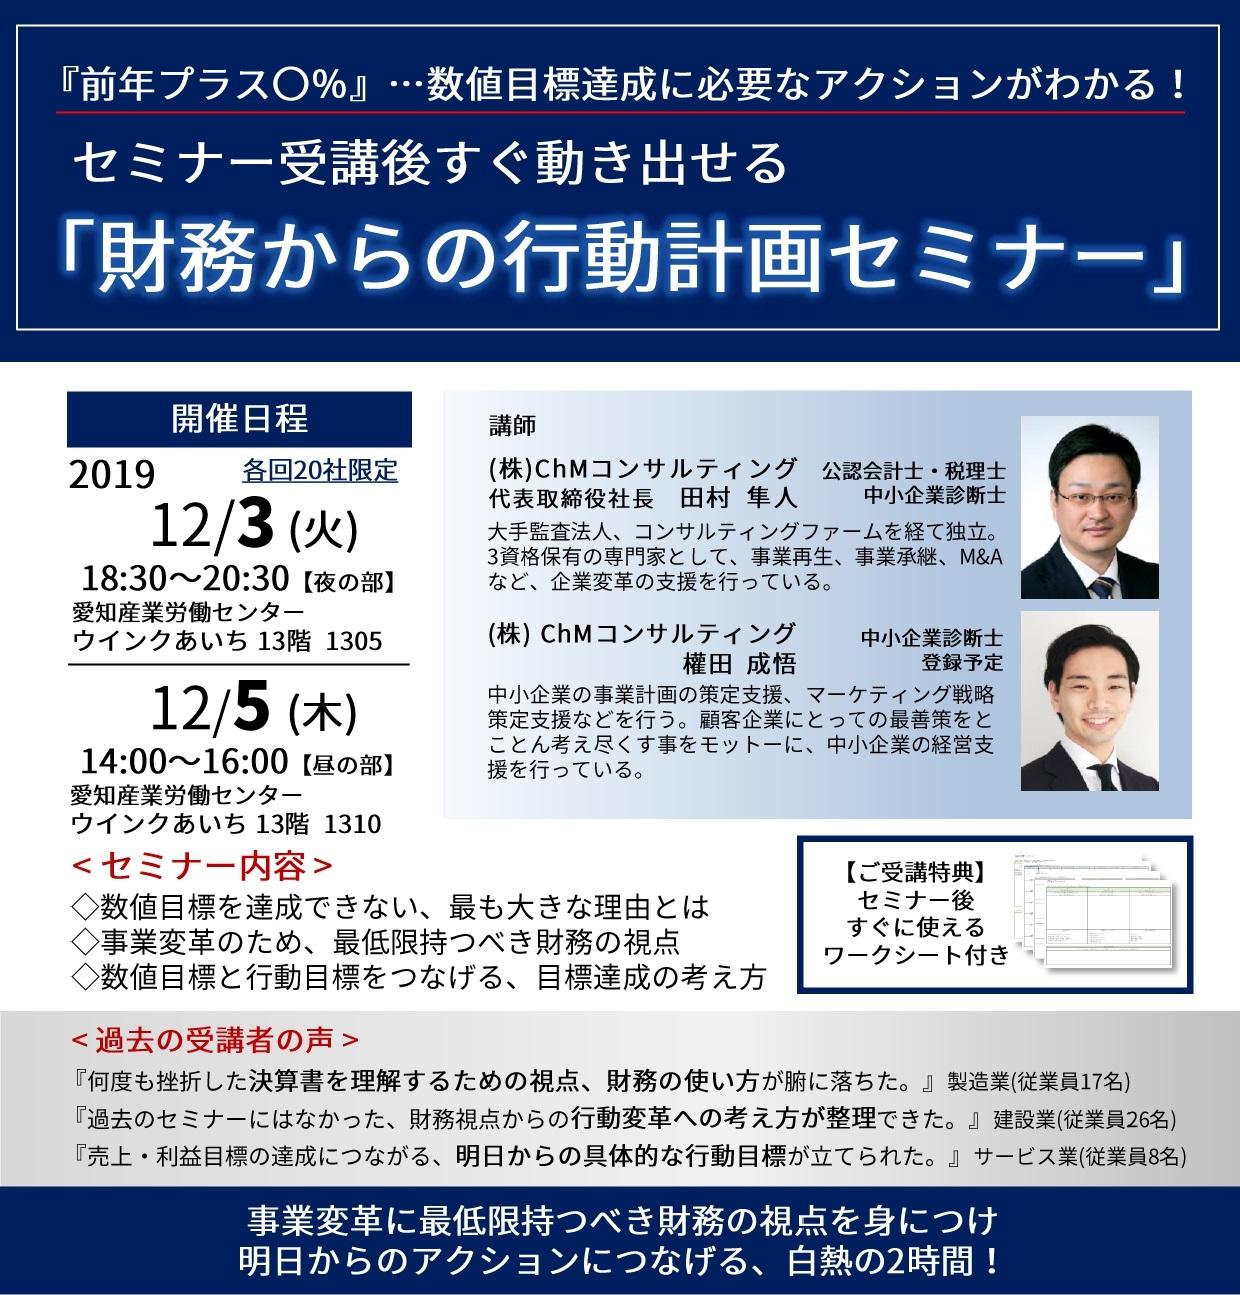 【2019/12/3(火)・5(木) 】「財務からの行動計画セミナー」を開催します@名古屋のアイキャッチ画像